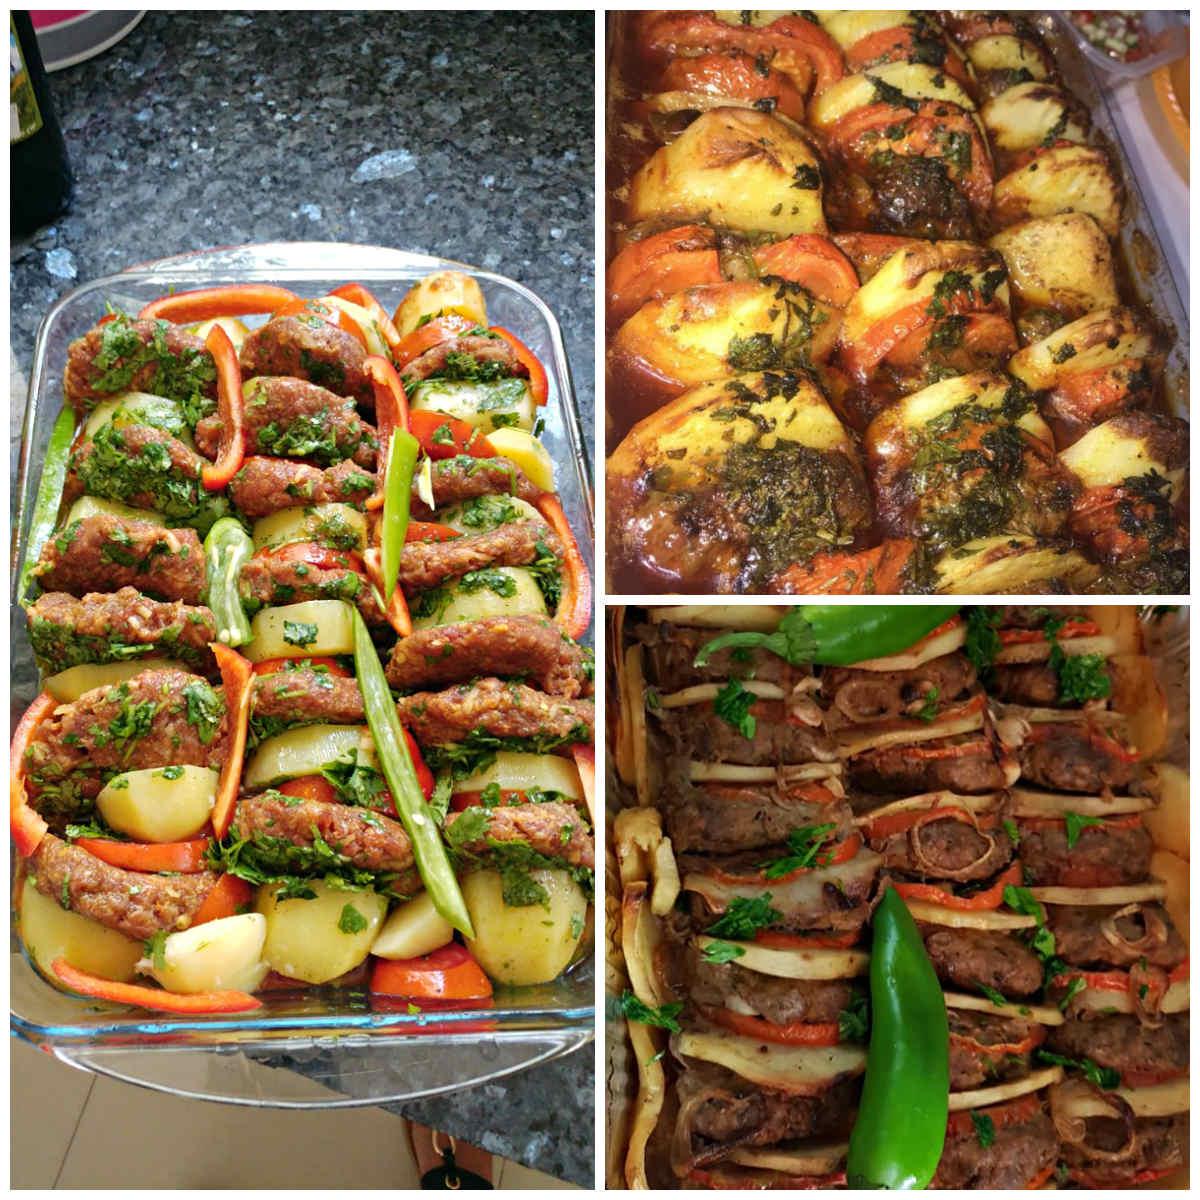 קציצות בשר טחון עם ירקות - תמונות גולשים